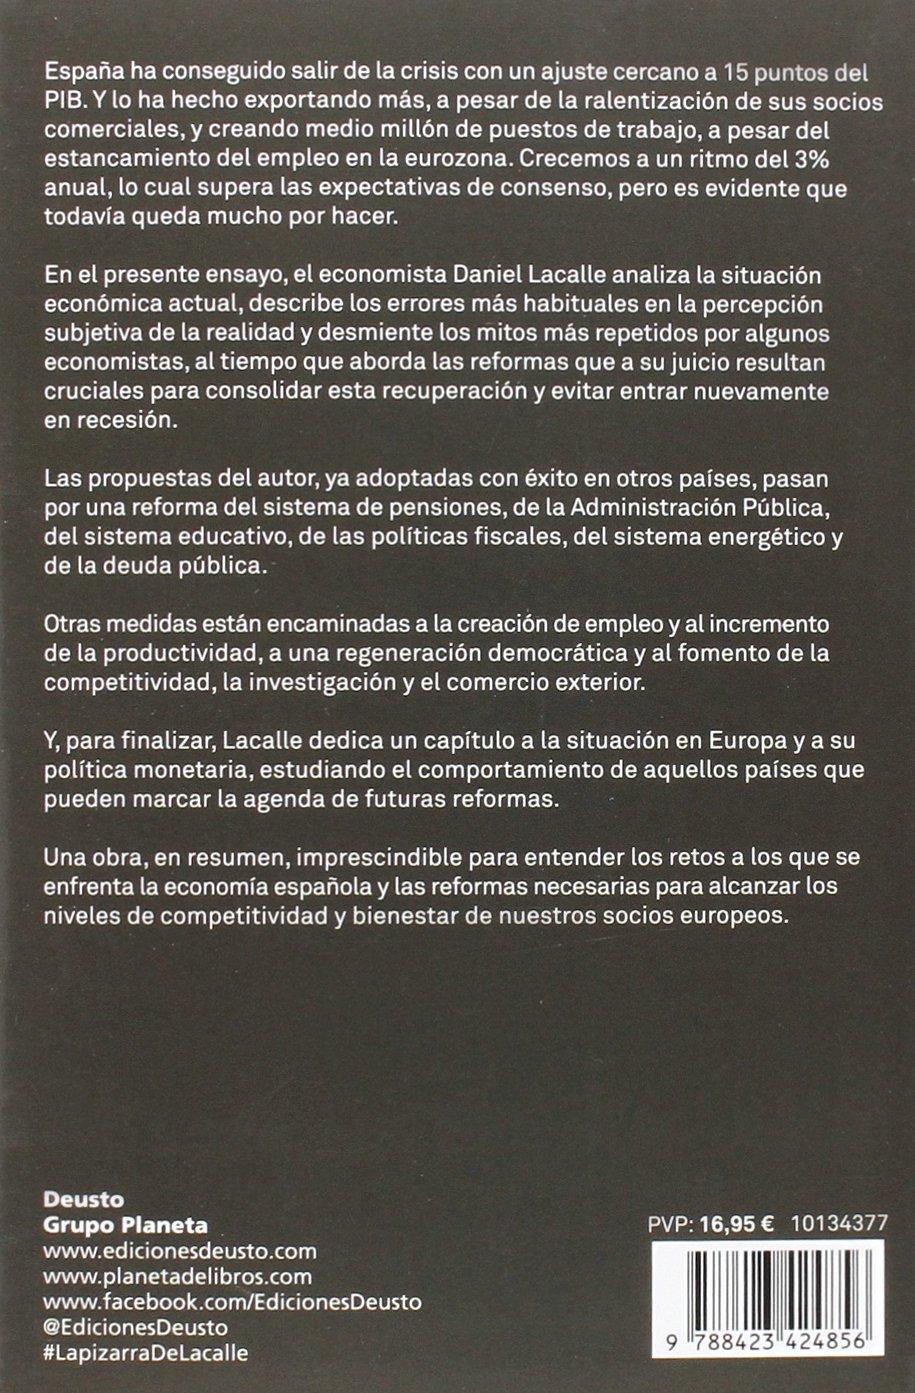 La pizarra de Daniel Lacalle: Las 10 reformas económicas ...